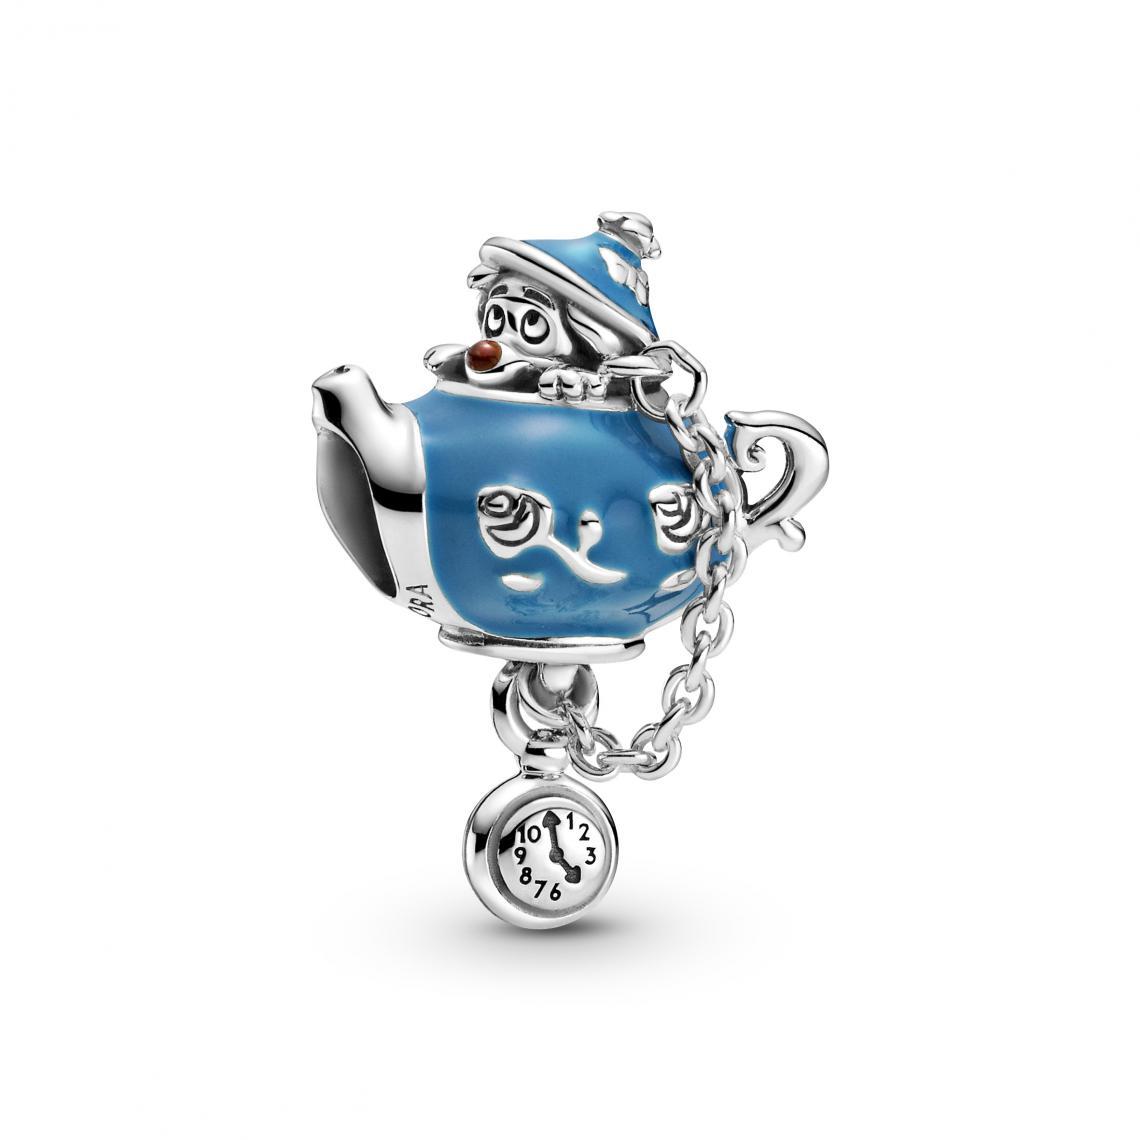 Charm Pandora Bijoux 799345C01 - Disney x Pandora sur Bijourama ...